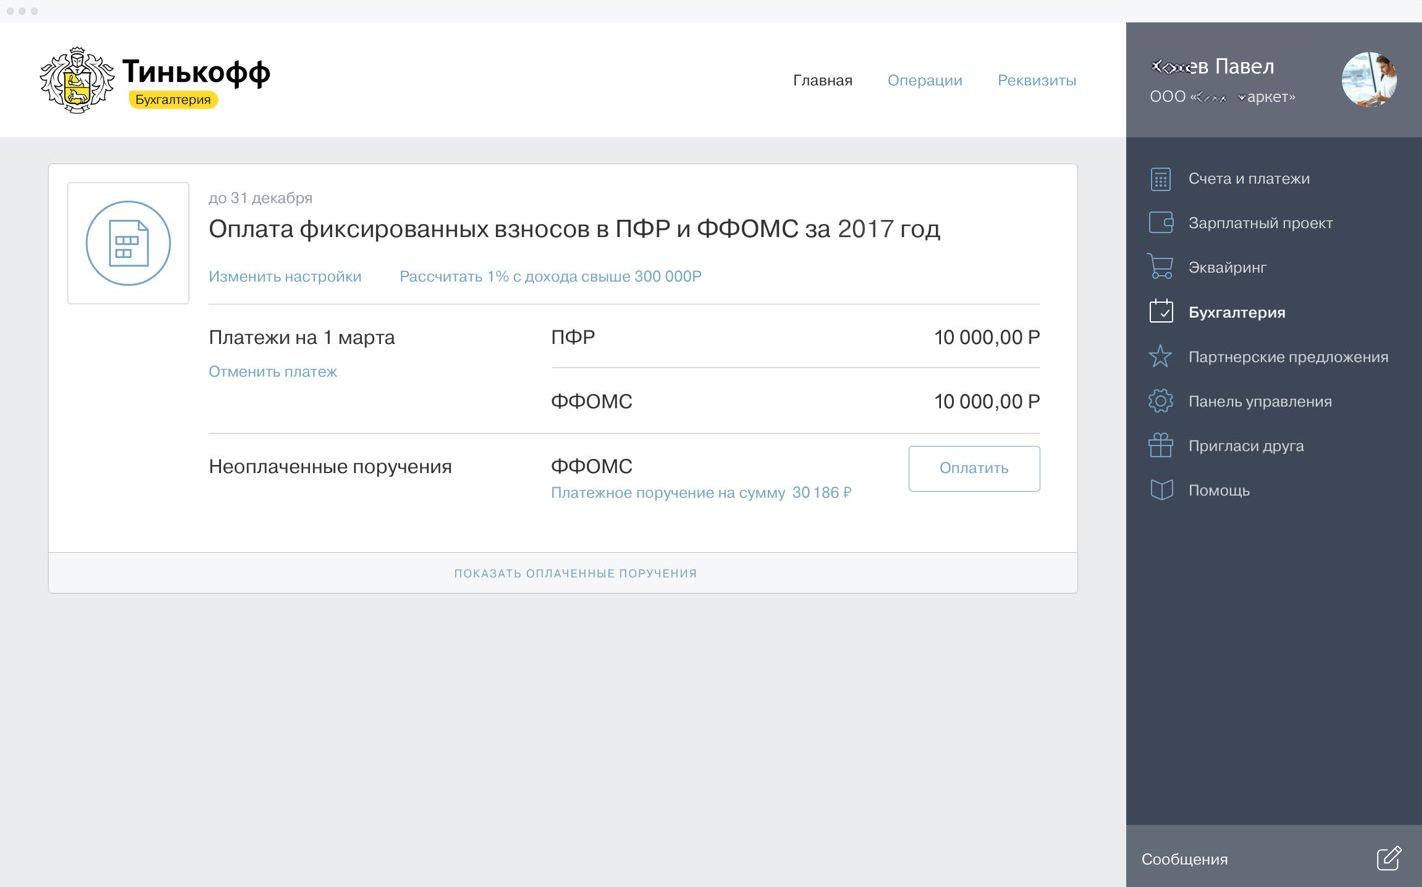 Оплата фиксированных взносов за год в ПФР и ФФОМС в финансовом онлайн-сервисе Тинькофф Бухгалтерия